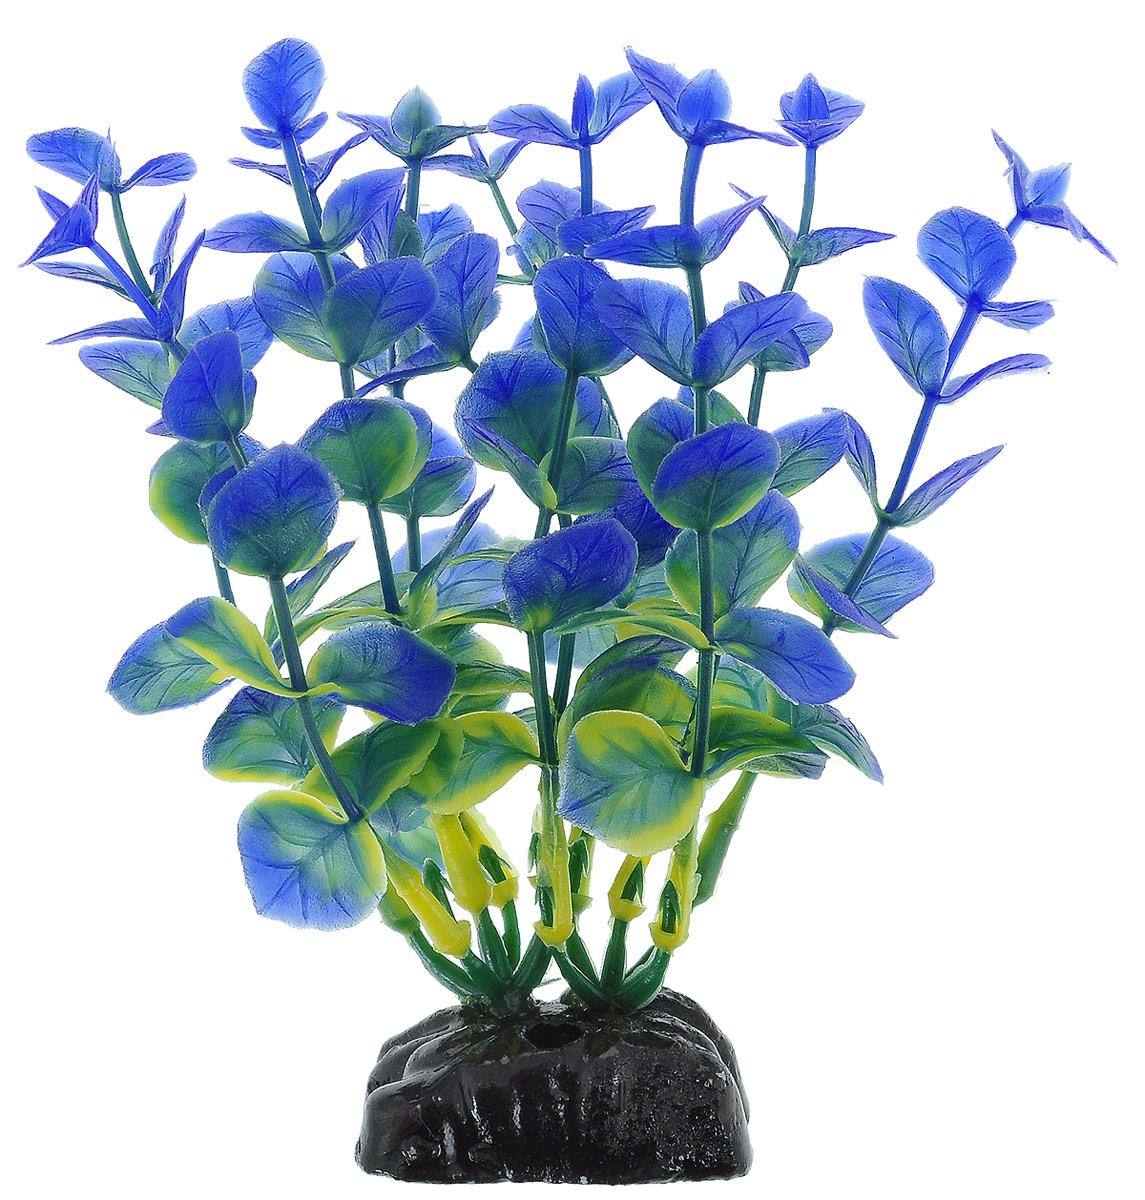 Растение для аквариума Barbus Бакопа, пластиковое, цвет: зеленый, синий, высота 10 смPlant 026/10Растение Barbus Бакопа, выполненное из высококачественного нетоксичного пластика, станет прекрасным украшением вашего аквариума. Пластиковое растение идеально подходит для дизайна всех видов аквариумов. В воде происходит абсолютная имитация живых растений. Изделие не требует дополнительного ухода. Оно абсолютно безопасно, нейтрально к водному балансу, устойчиво к истиранию краски, подходит как для пресноводного, так и для морского аквариума. Растение для аквариума Barbus Бакопа поможет вам смоделировать потрясающий пейзаж на дне вашего аквариума. Высота растения: 10 см.